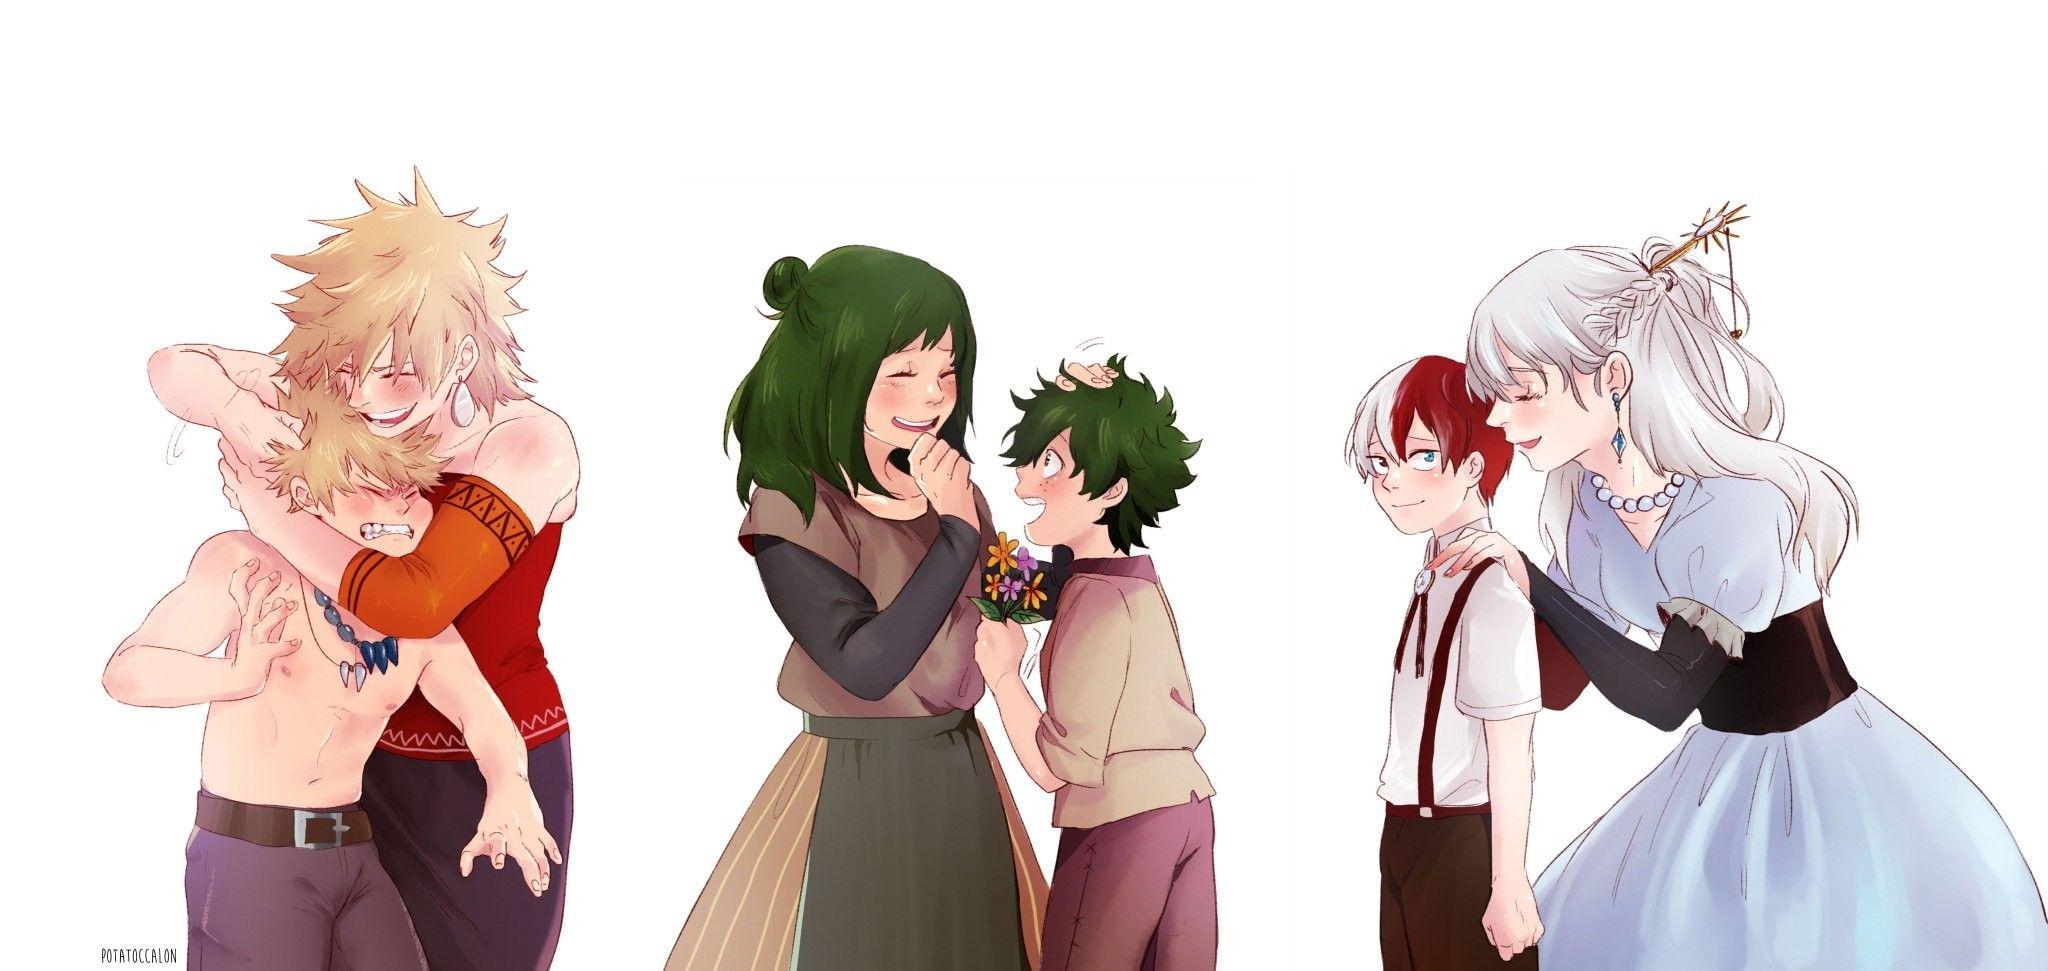 Bakugou Katsuki & Mitsuki | Midoriya Izuku & Inko | Todoroki